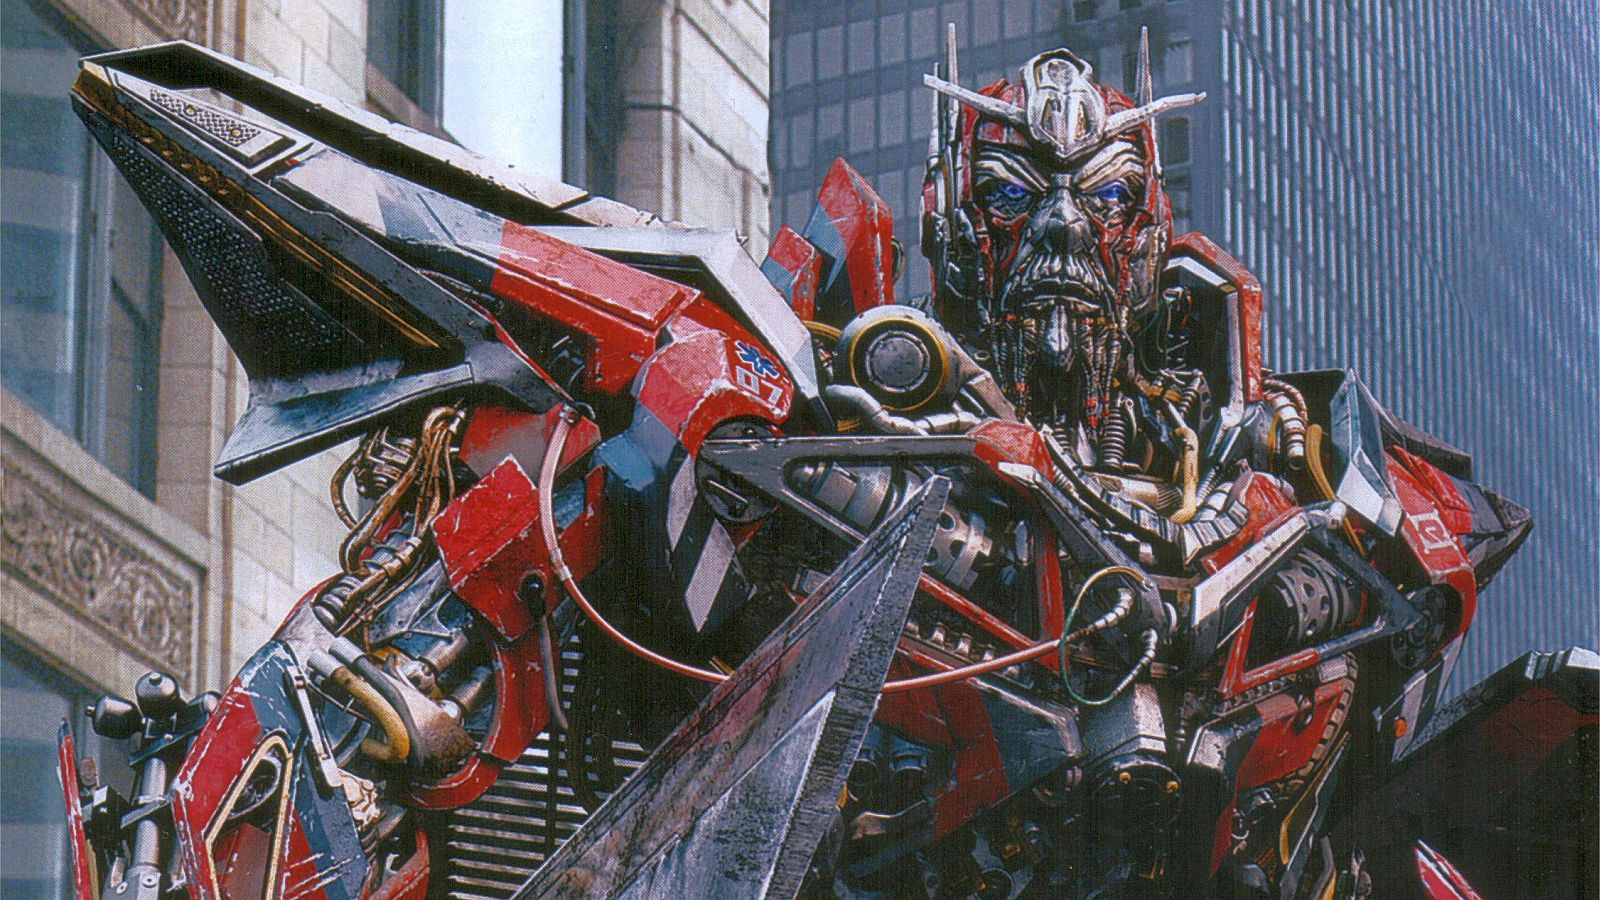 Giải mã dòng thời gian rắc rối của loạt Transformers, từ giờ yên tâm xem phim không sợ hoang mang nữa - Ảnh 6.